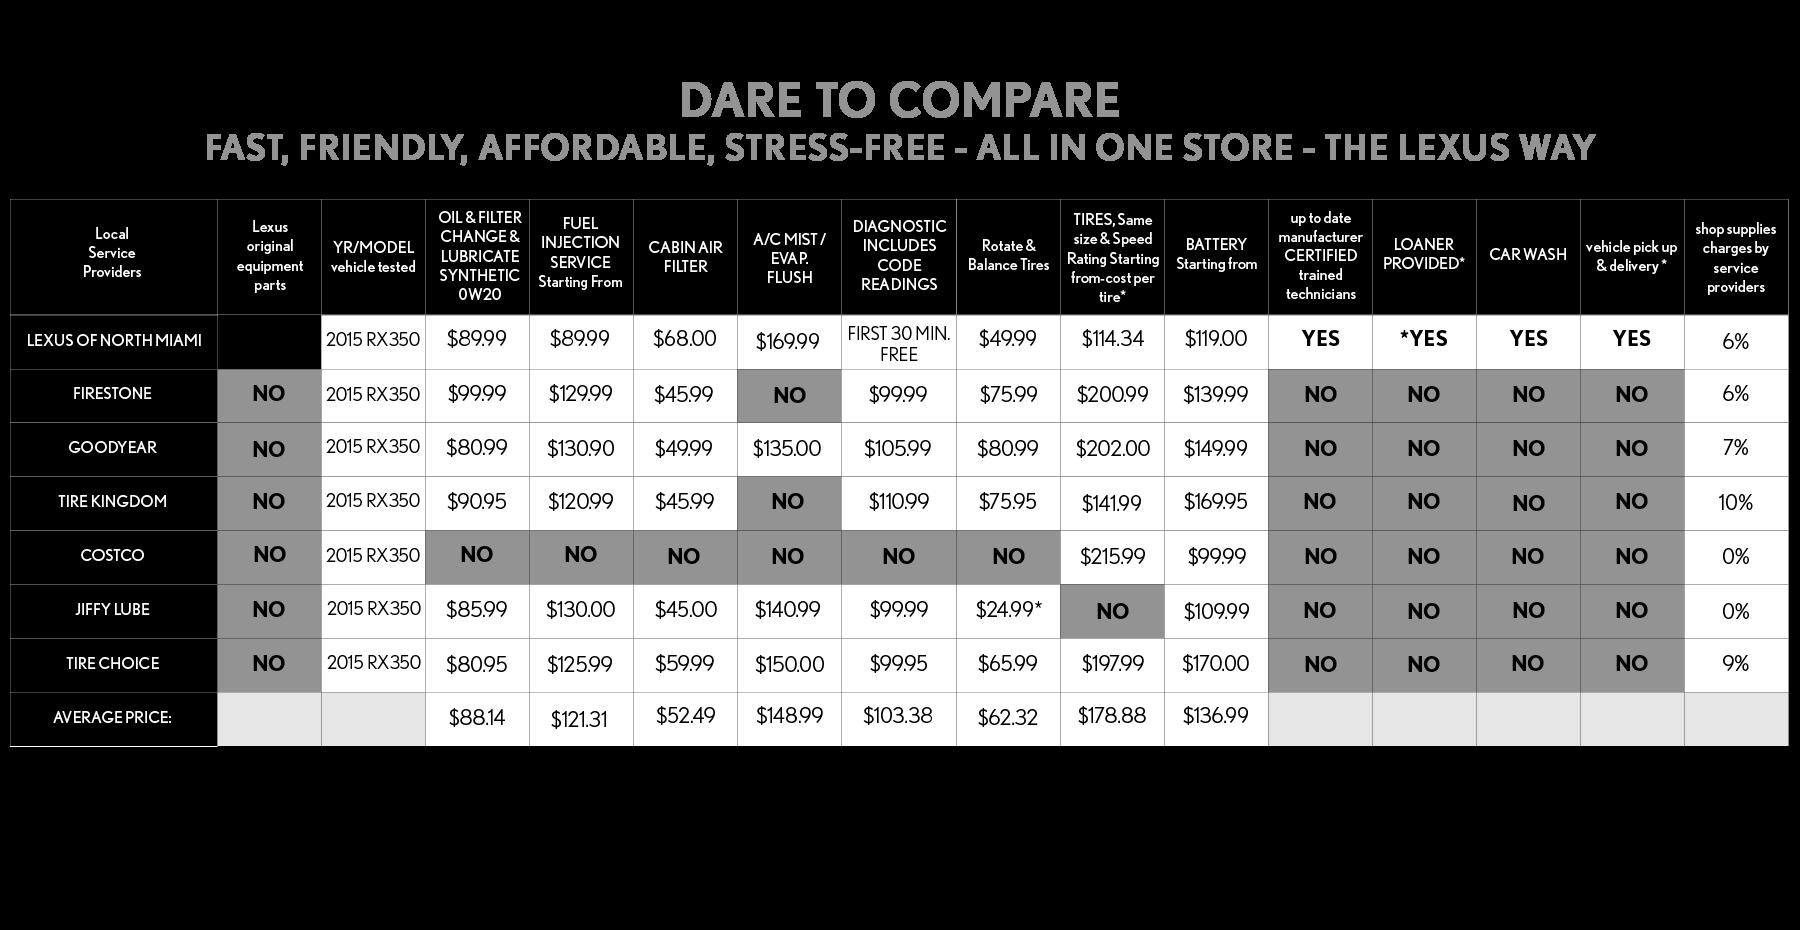 September Service Compare Specials - North Miami